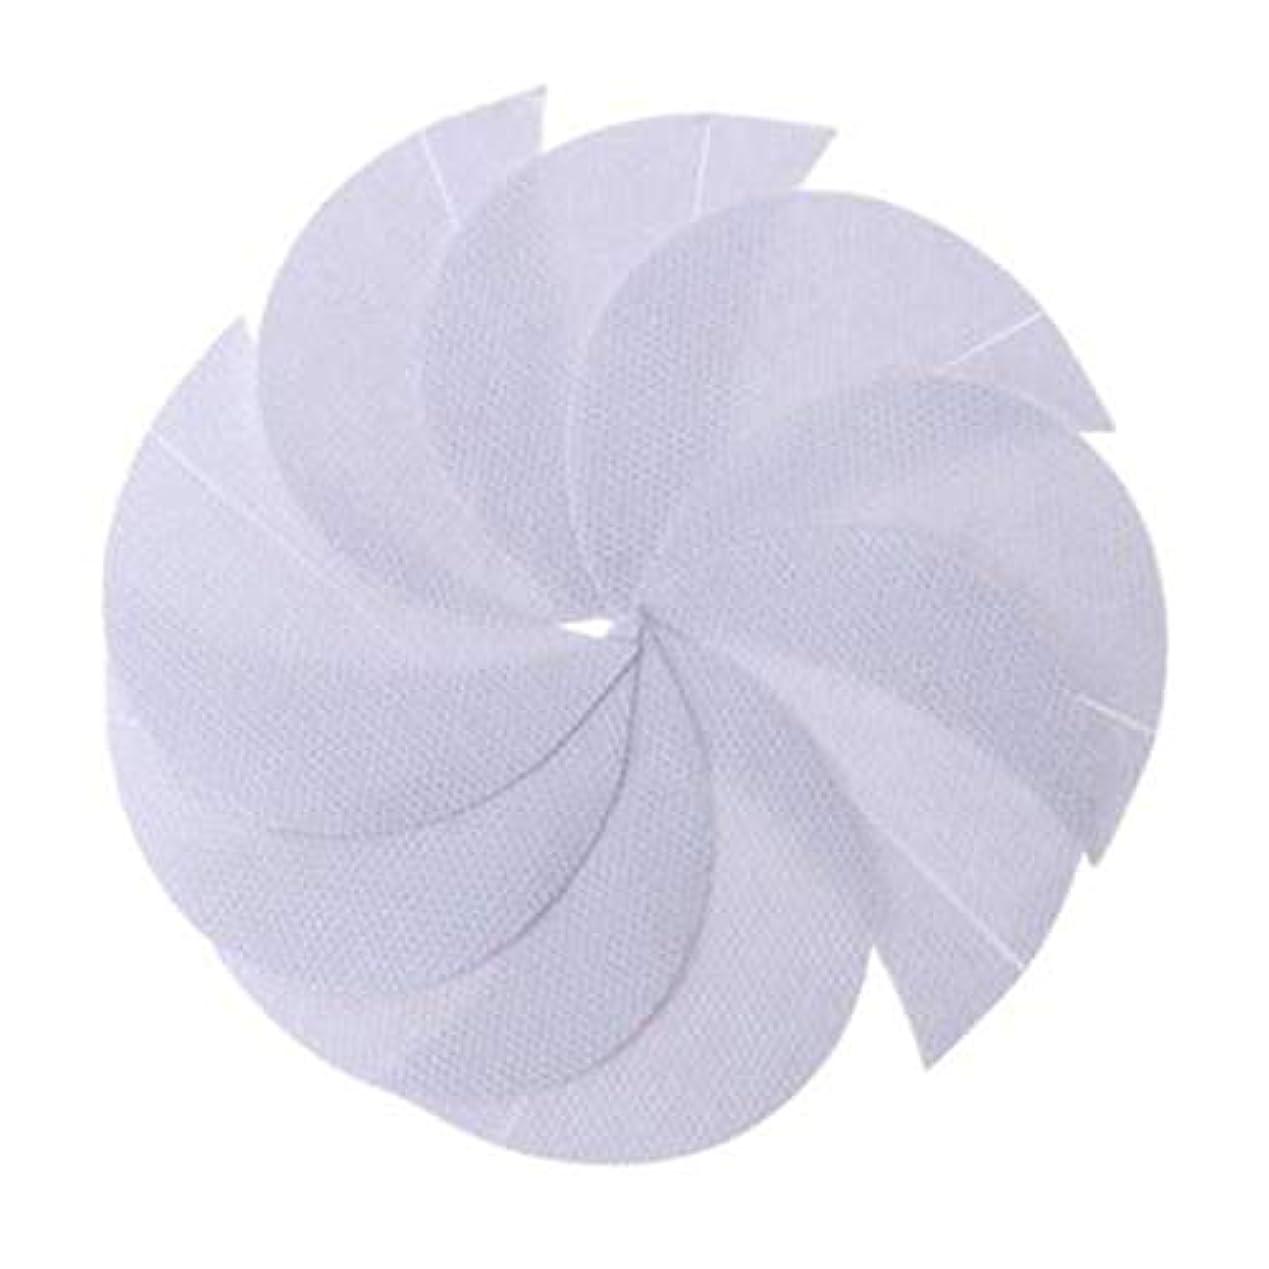 消費するバケツ追記Rabugogo 100個/袋不織布アイシャドーシールドアイシャドージェルパッドパッチアイシャドーステンシル防止まつげエクステ化粧品残留物